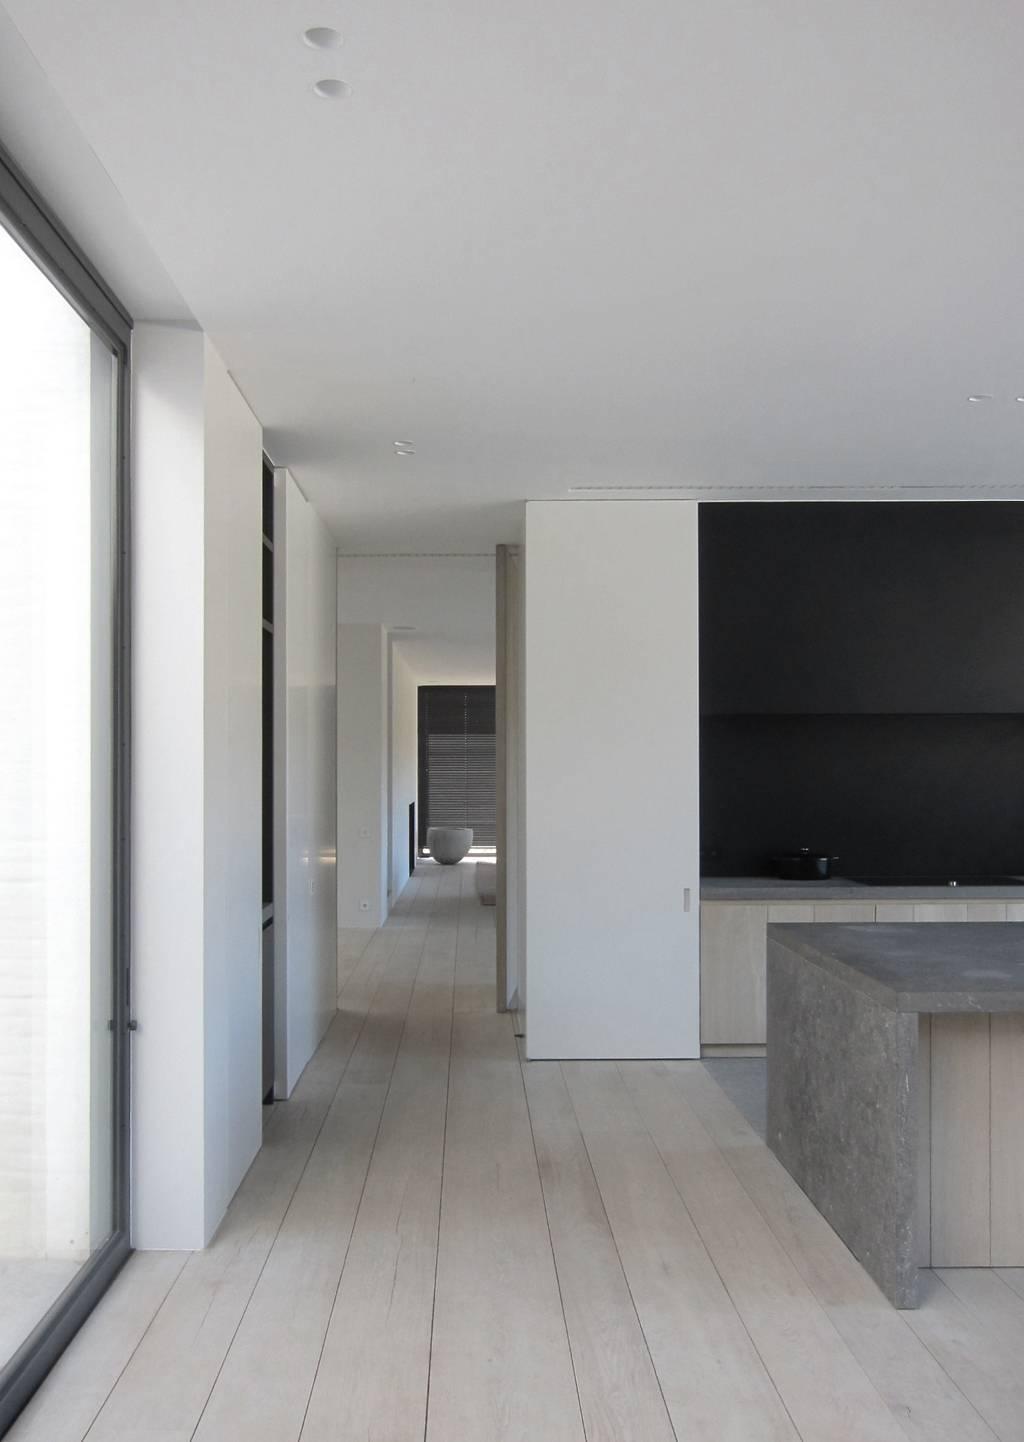 VVDA_VT Residence_Eggermont_4